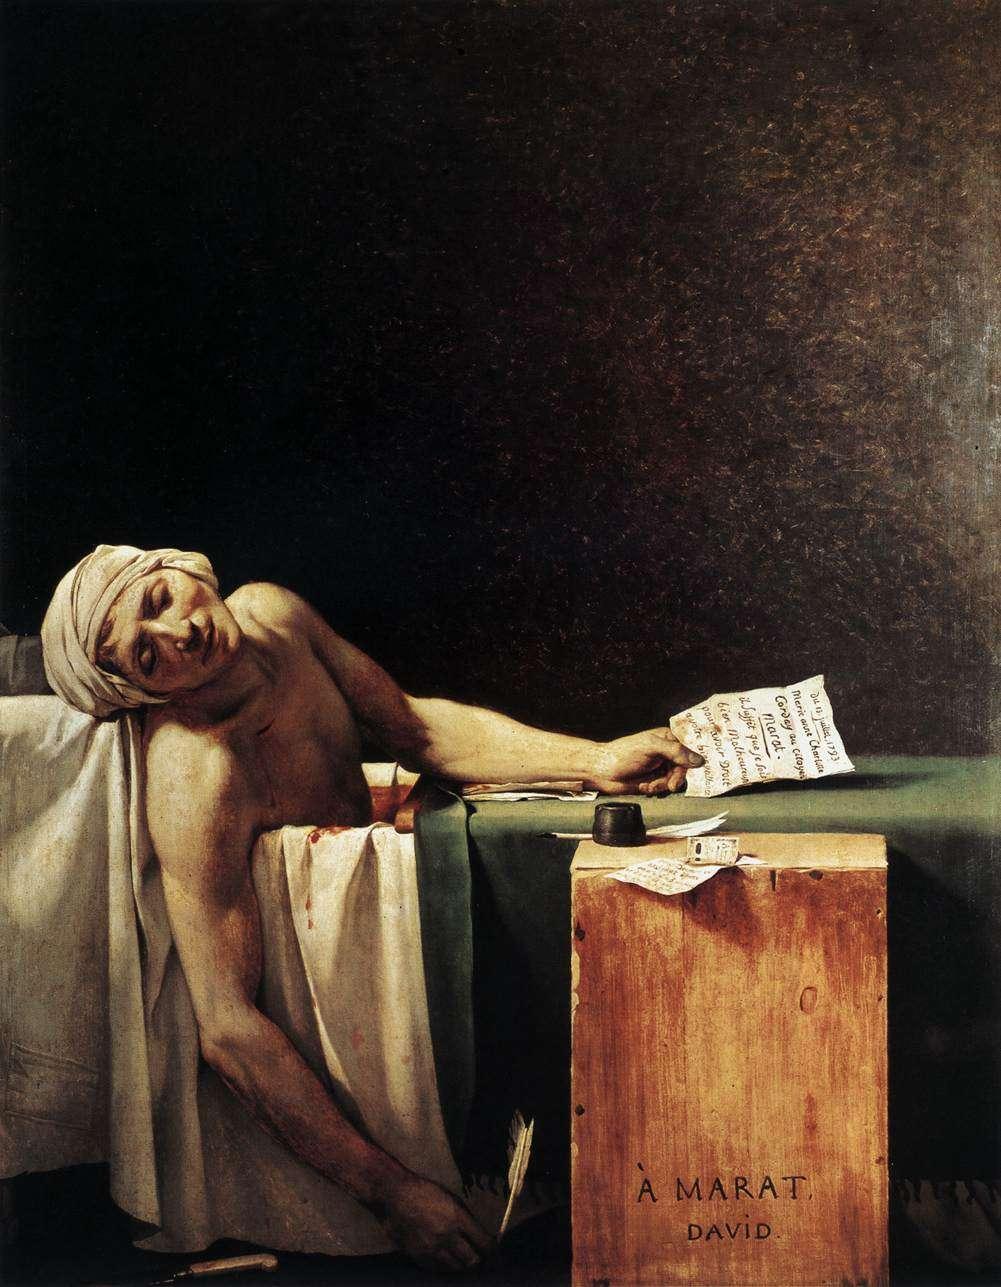 Η δολοφονία του Μαρά. Πίνακας του Ζακ-Λουί Νταβίντ